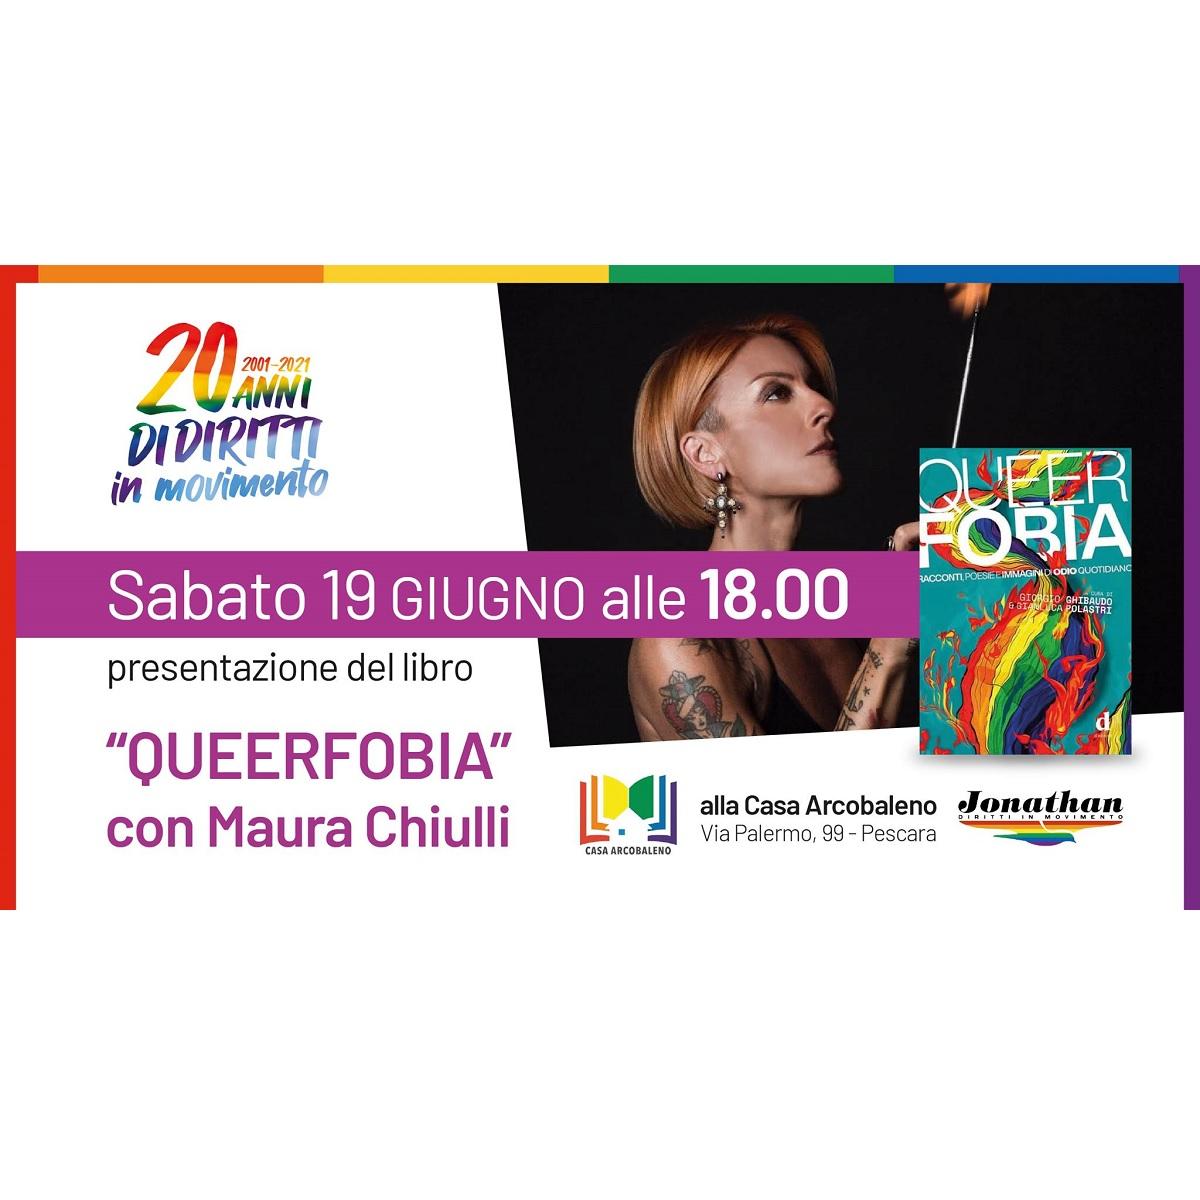 Queerfobia con Maura Chiulli sabato 19 giugno 2021 foto